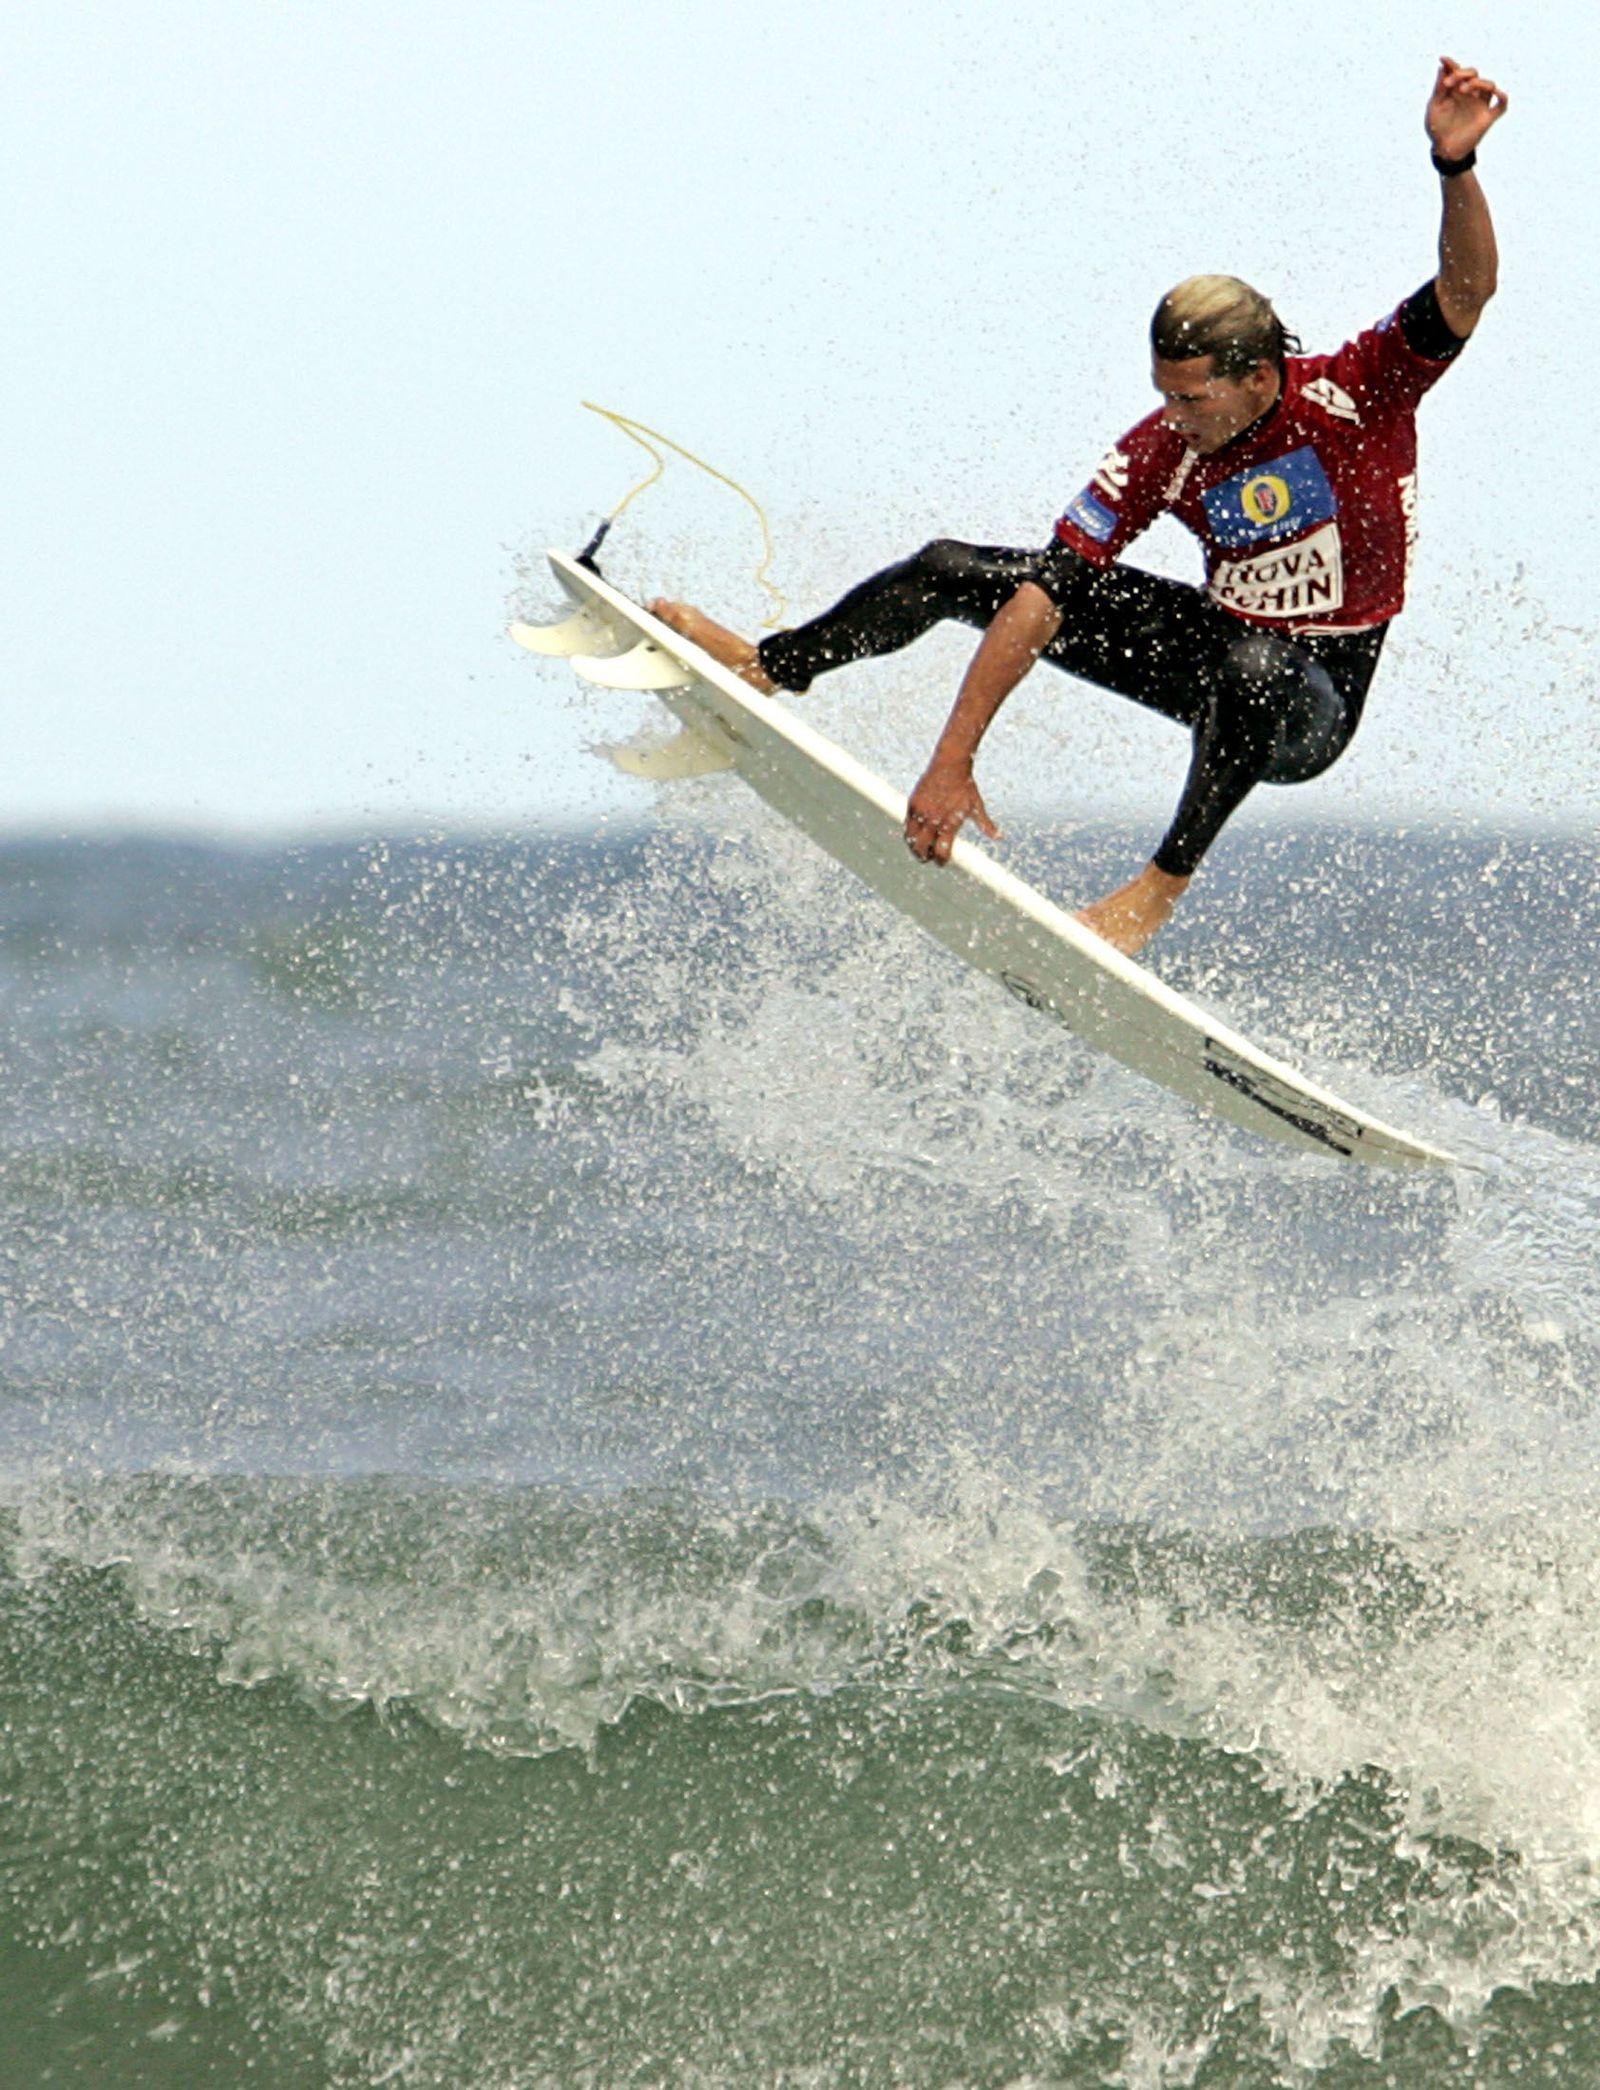 SPORT SURFING